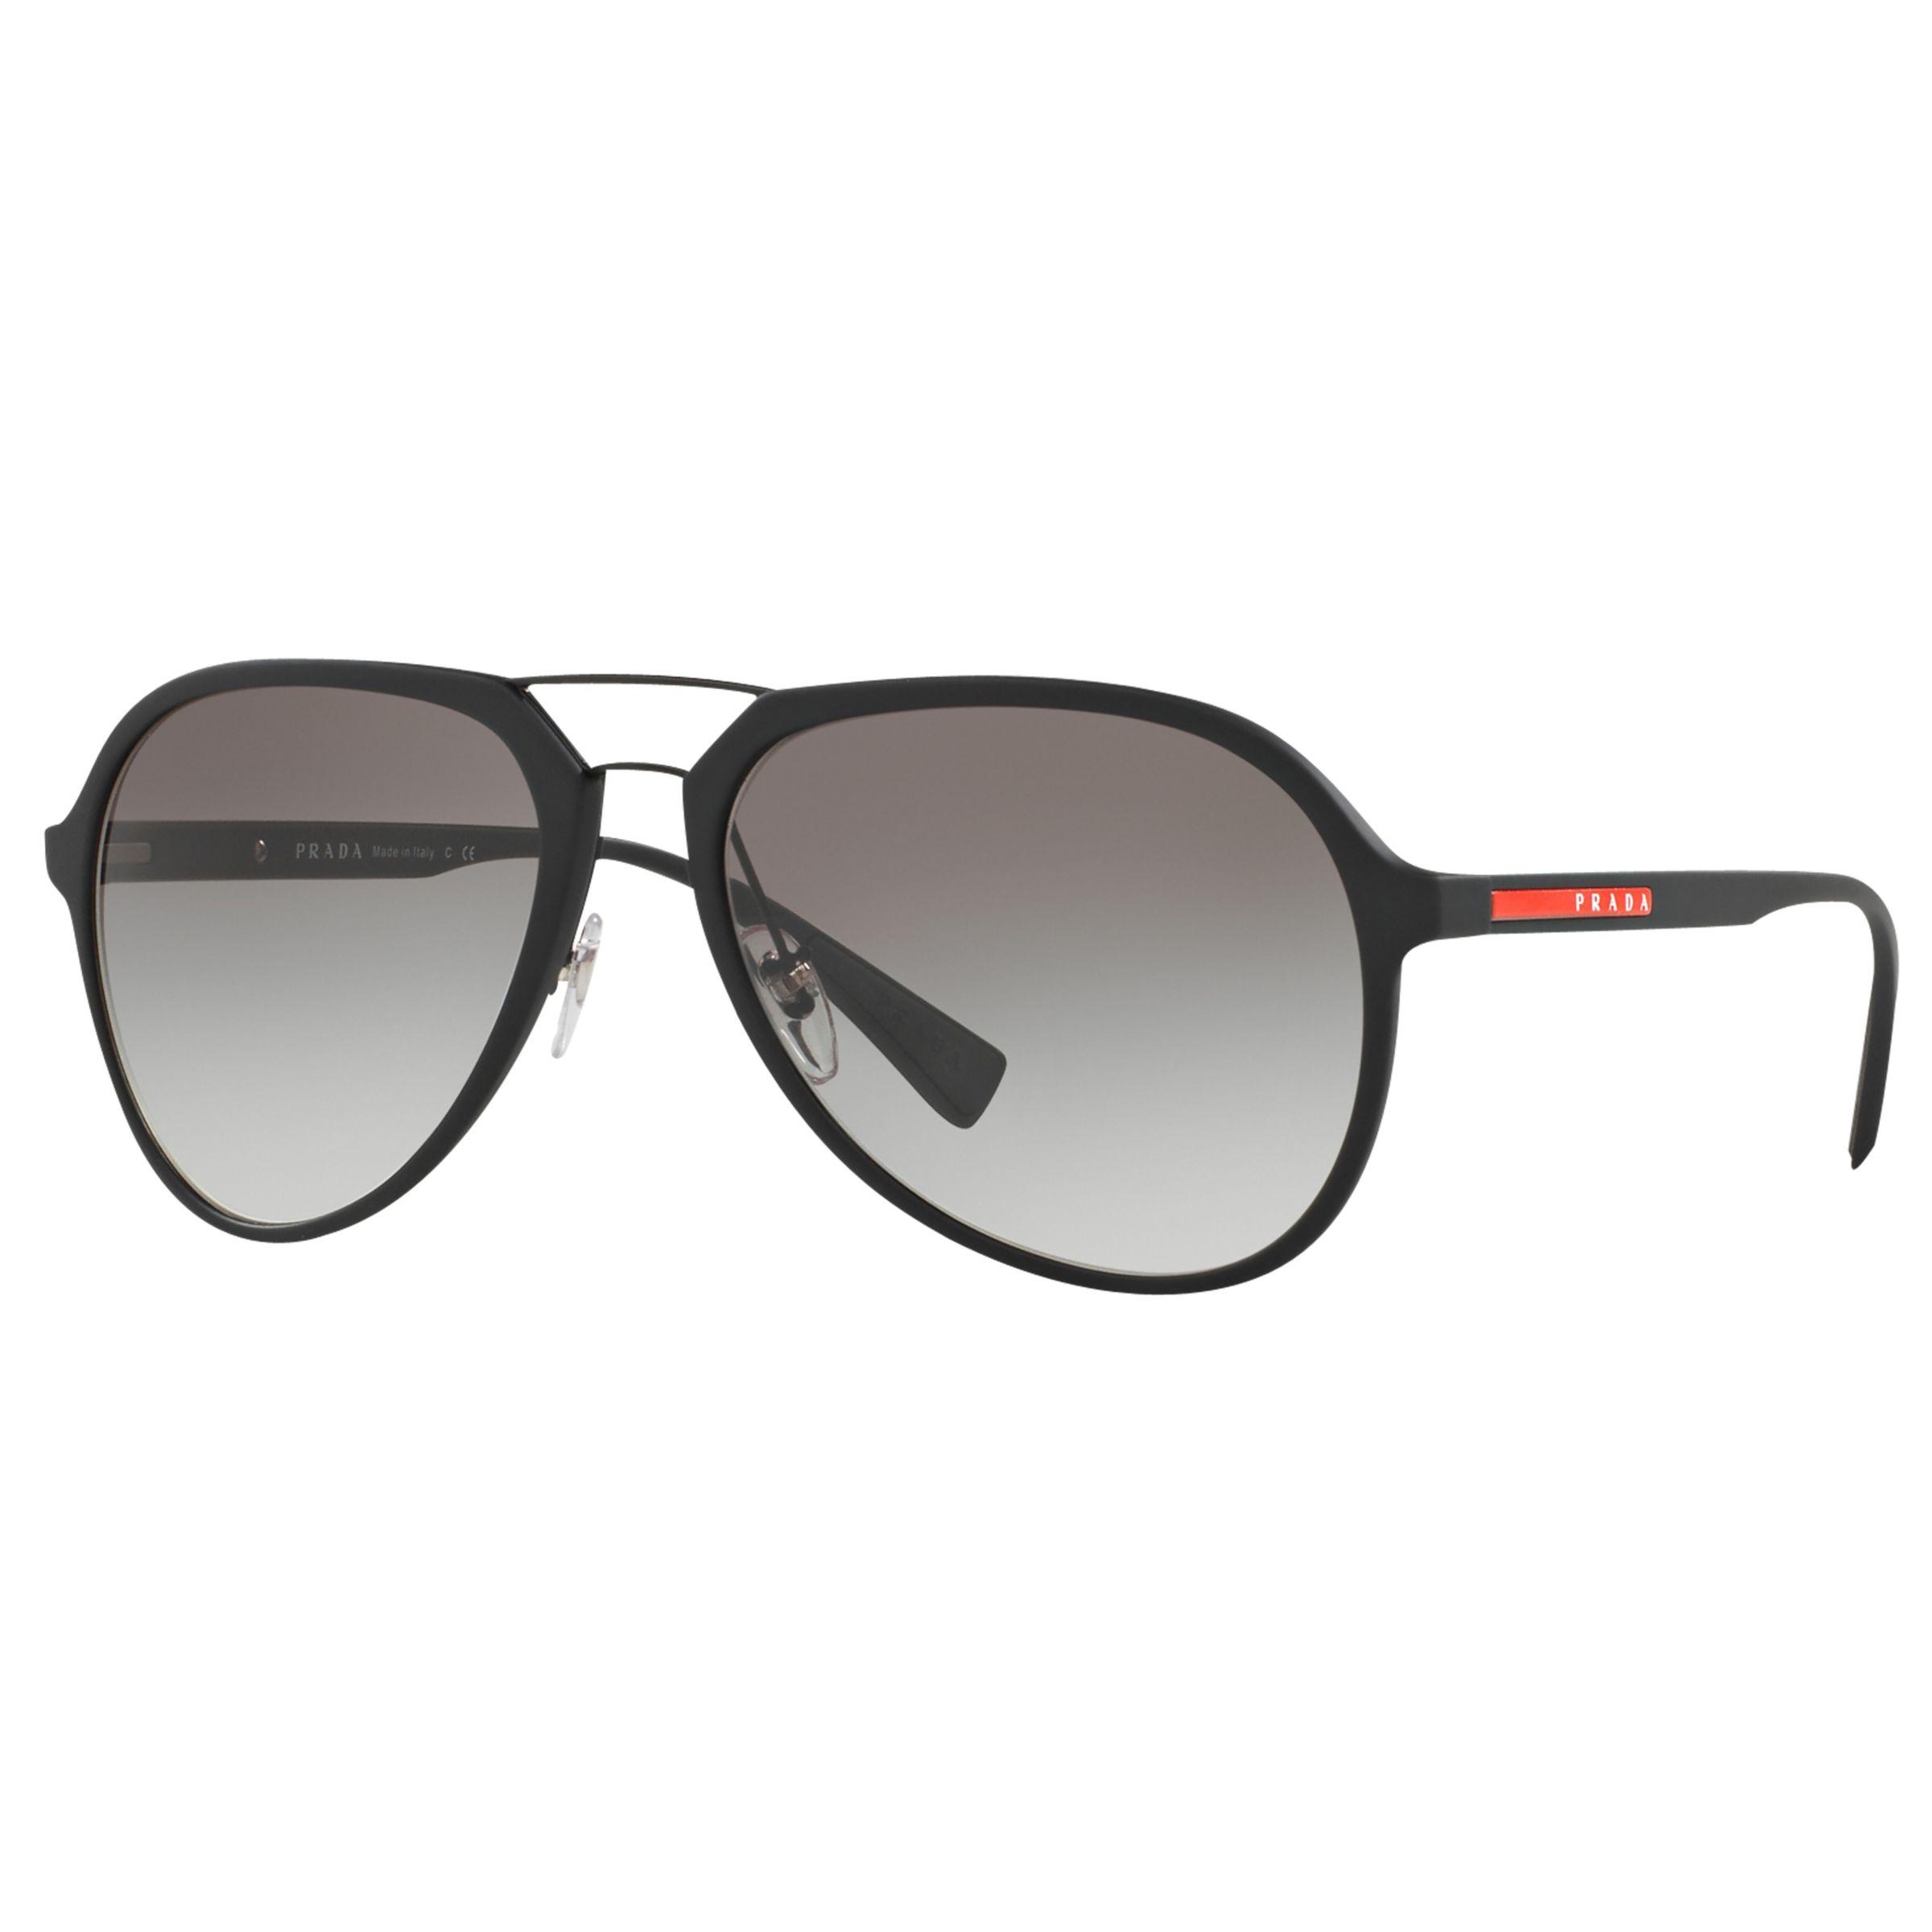 Prada Linea Rossa Prada Linea Rossa PS 05RS Aviator Sunglasses, Black/Grey Gradient